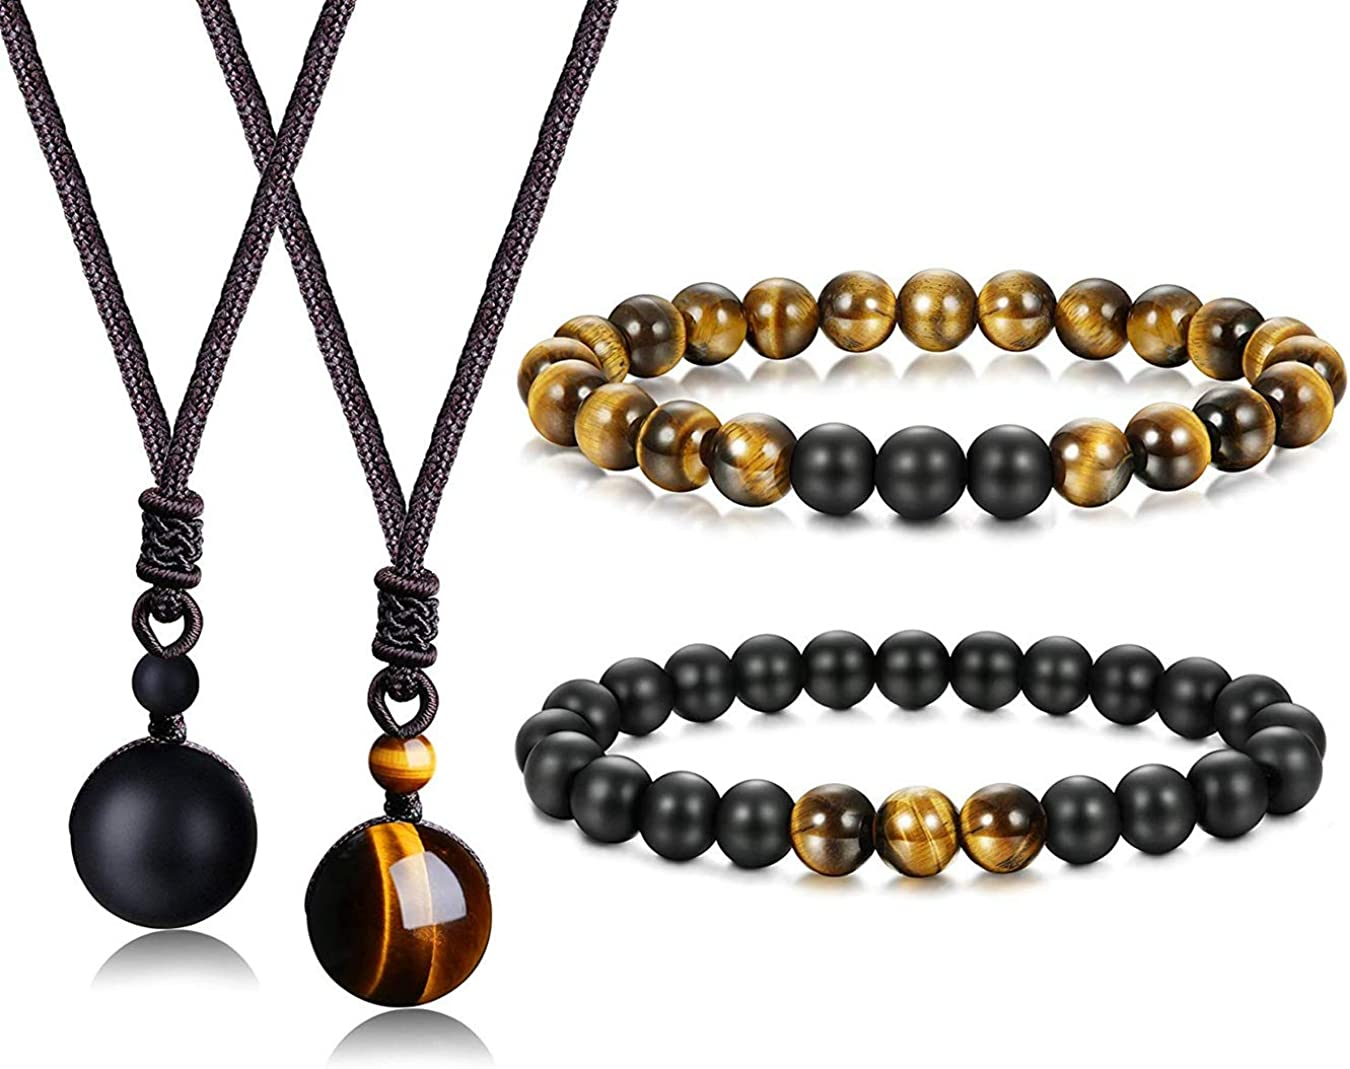 Besteel Ojo de Tigre Perlas Collar para Hombres Mujer Onyx Natural Piedra Colgante Pulseras Collar Conjunto Distancia Relación Ajustable Curación Collares